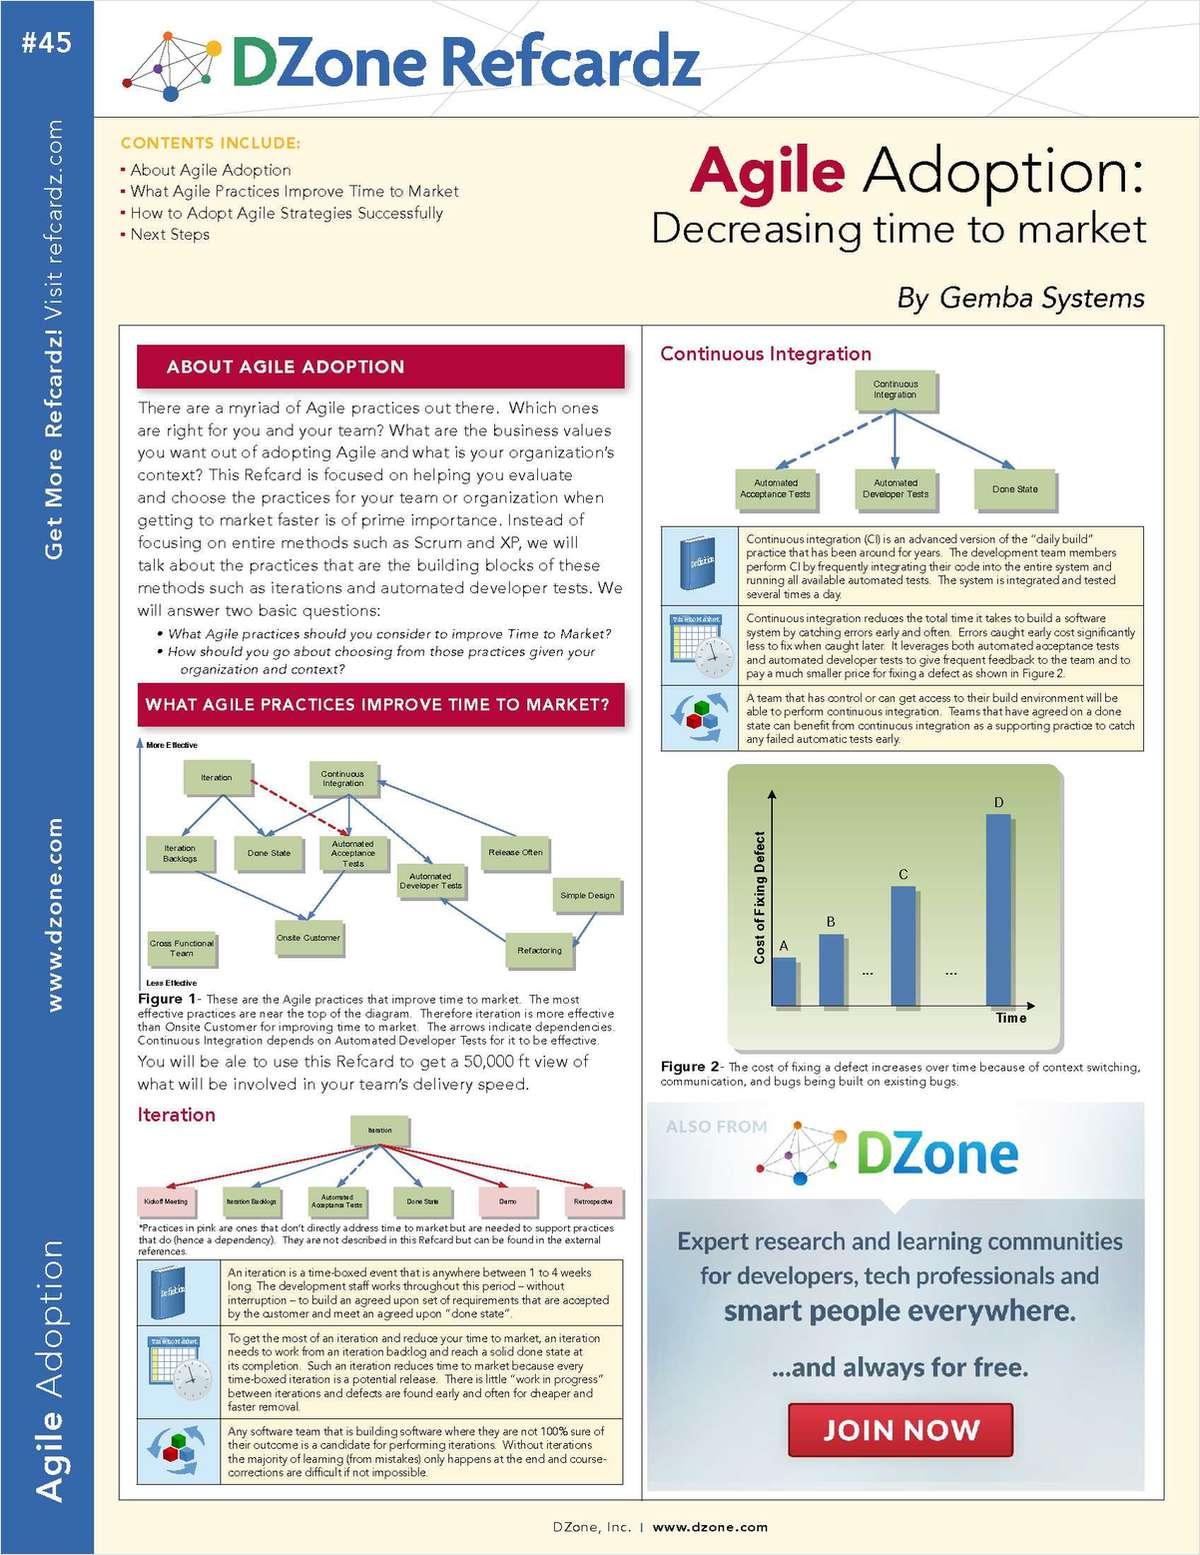 Agile Adoption: Decreasing Time to Market